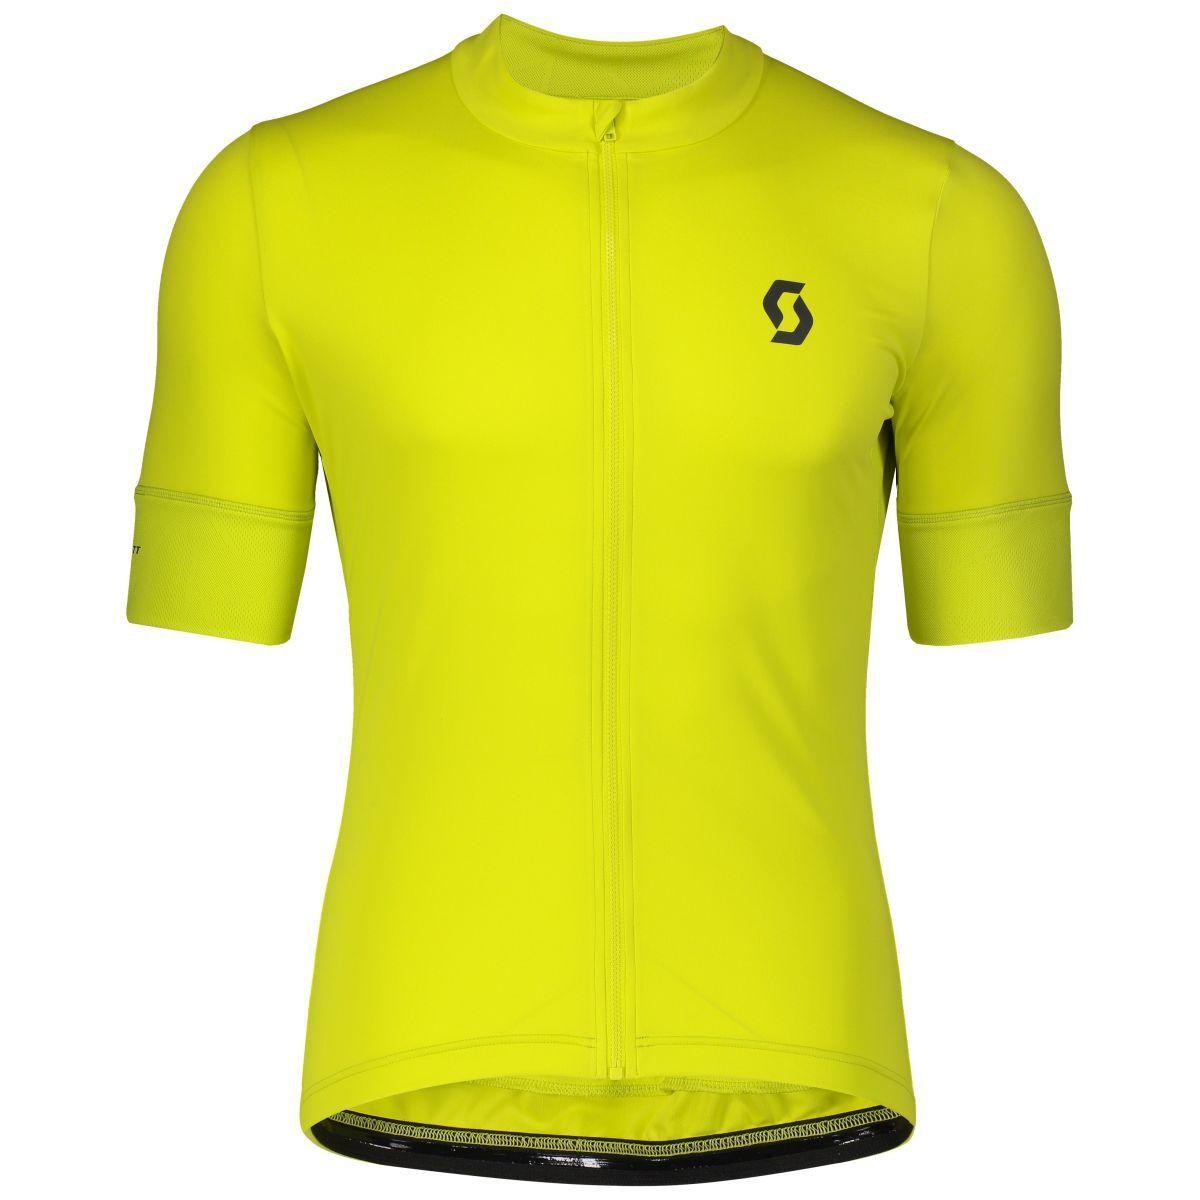 Scott Endurance 10 Fahrrad Trikot kurz gelb 2019 2019 2019 b4ce83